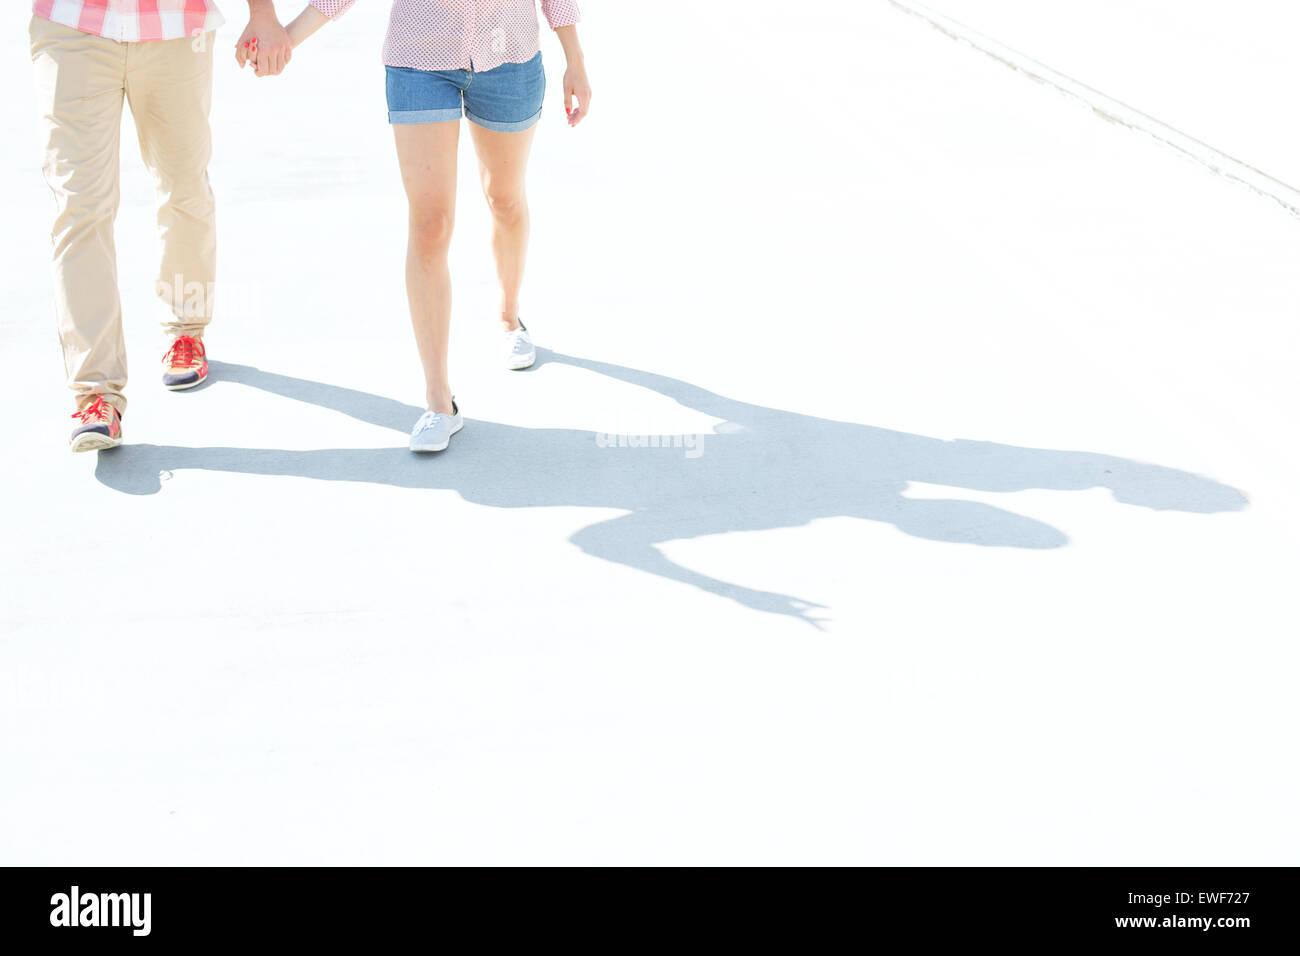 Sezione bassa del giovane camminando sulla strada Immagini Stock